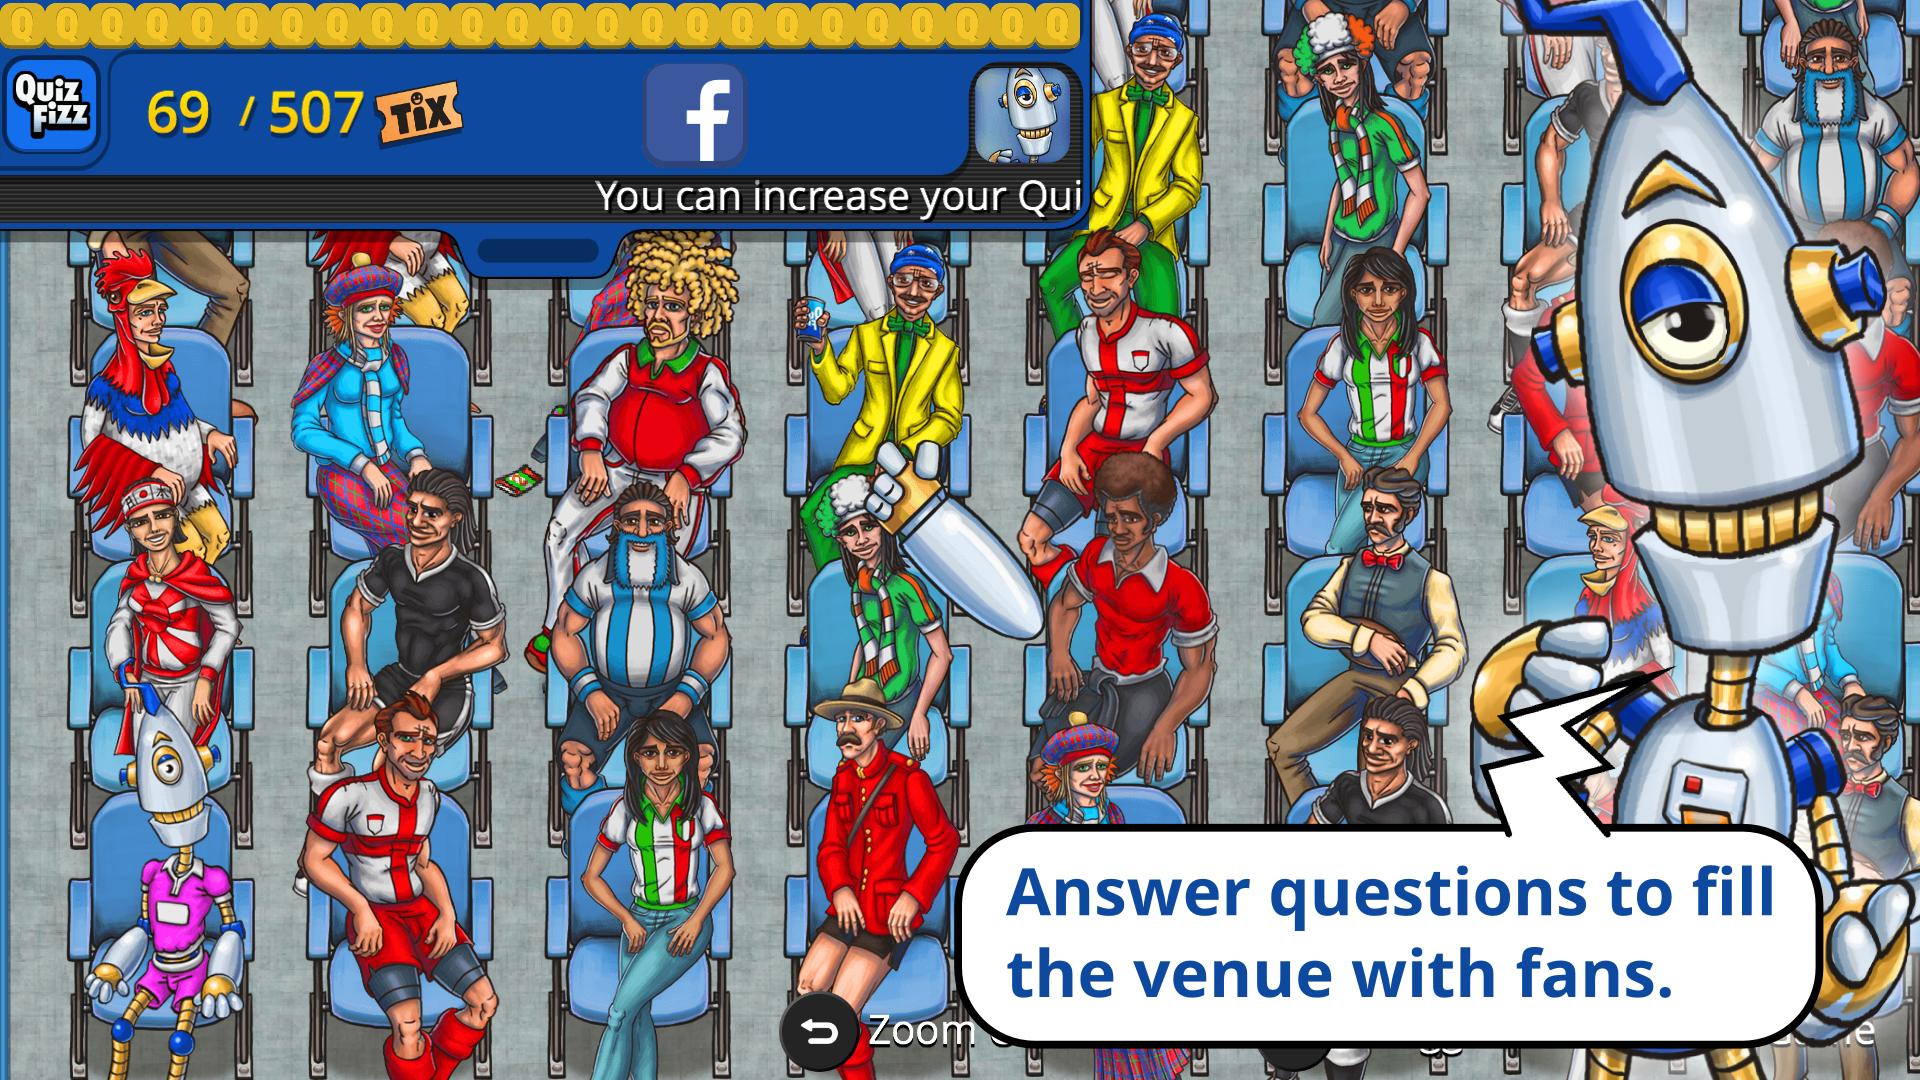 QuizTix: International Rugby